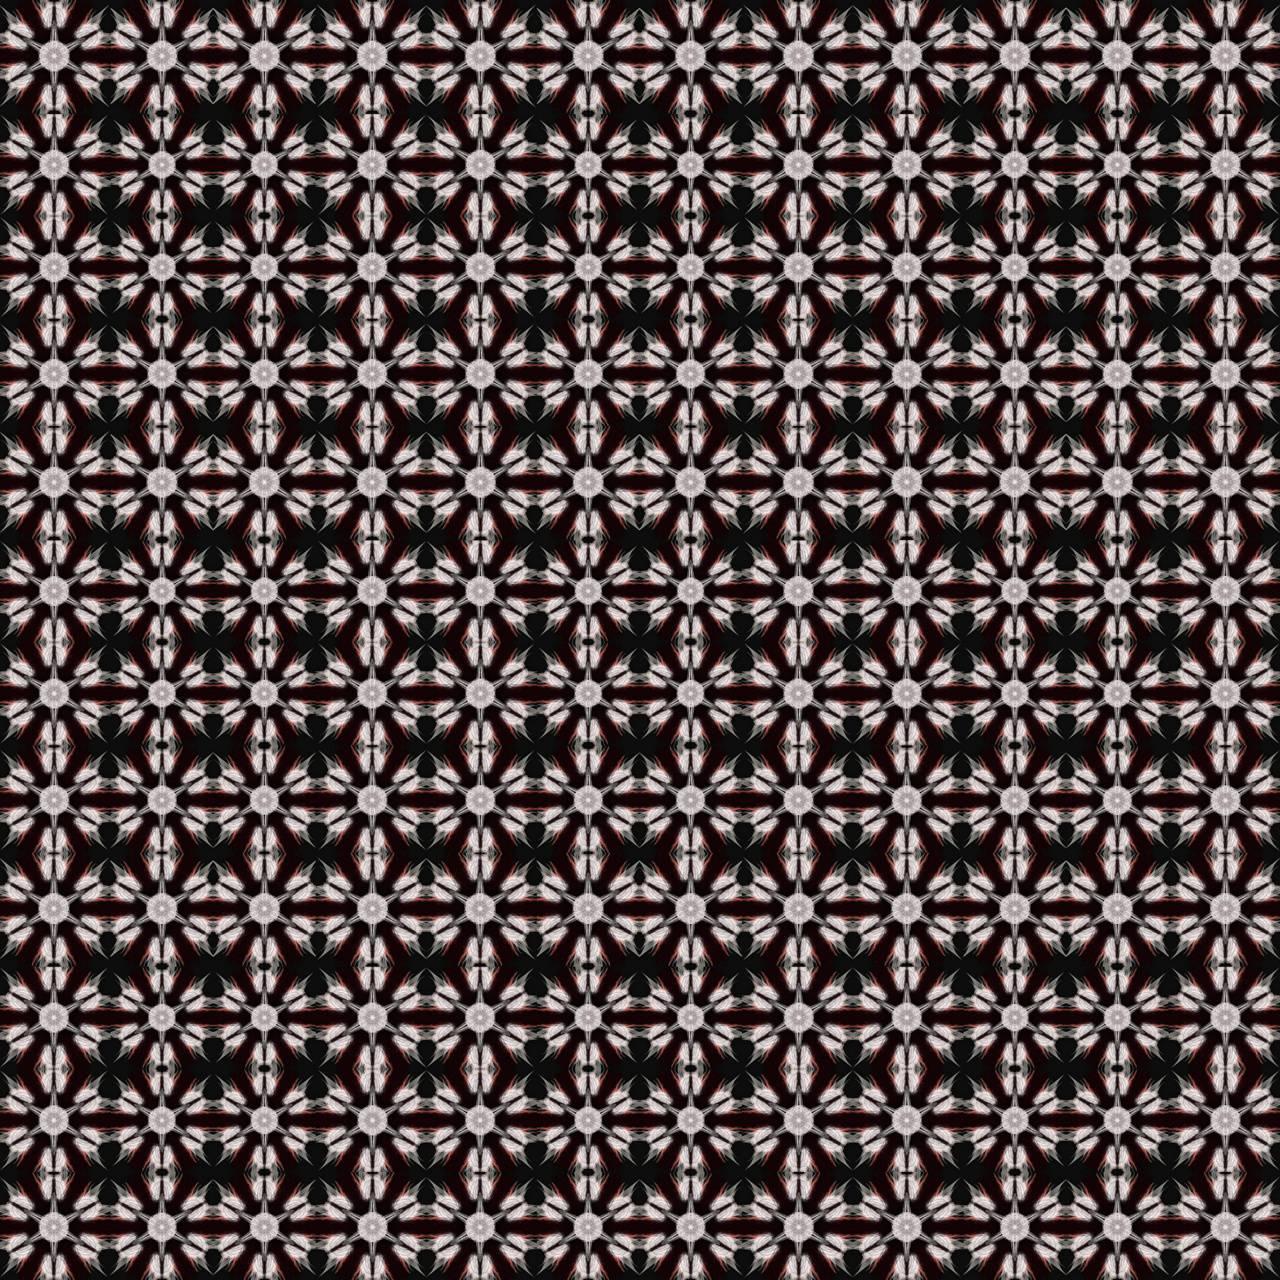 Tiled Wallpaper 46-2